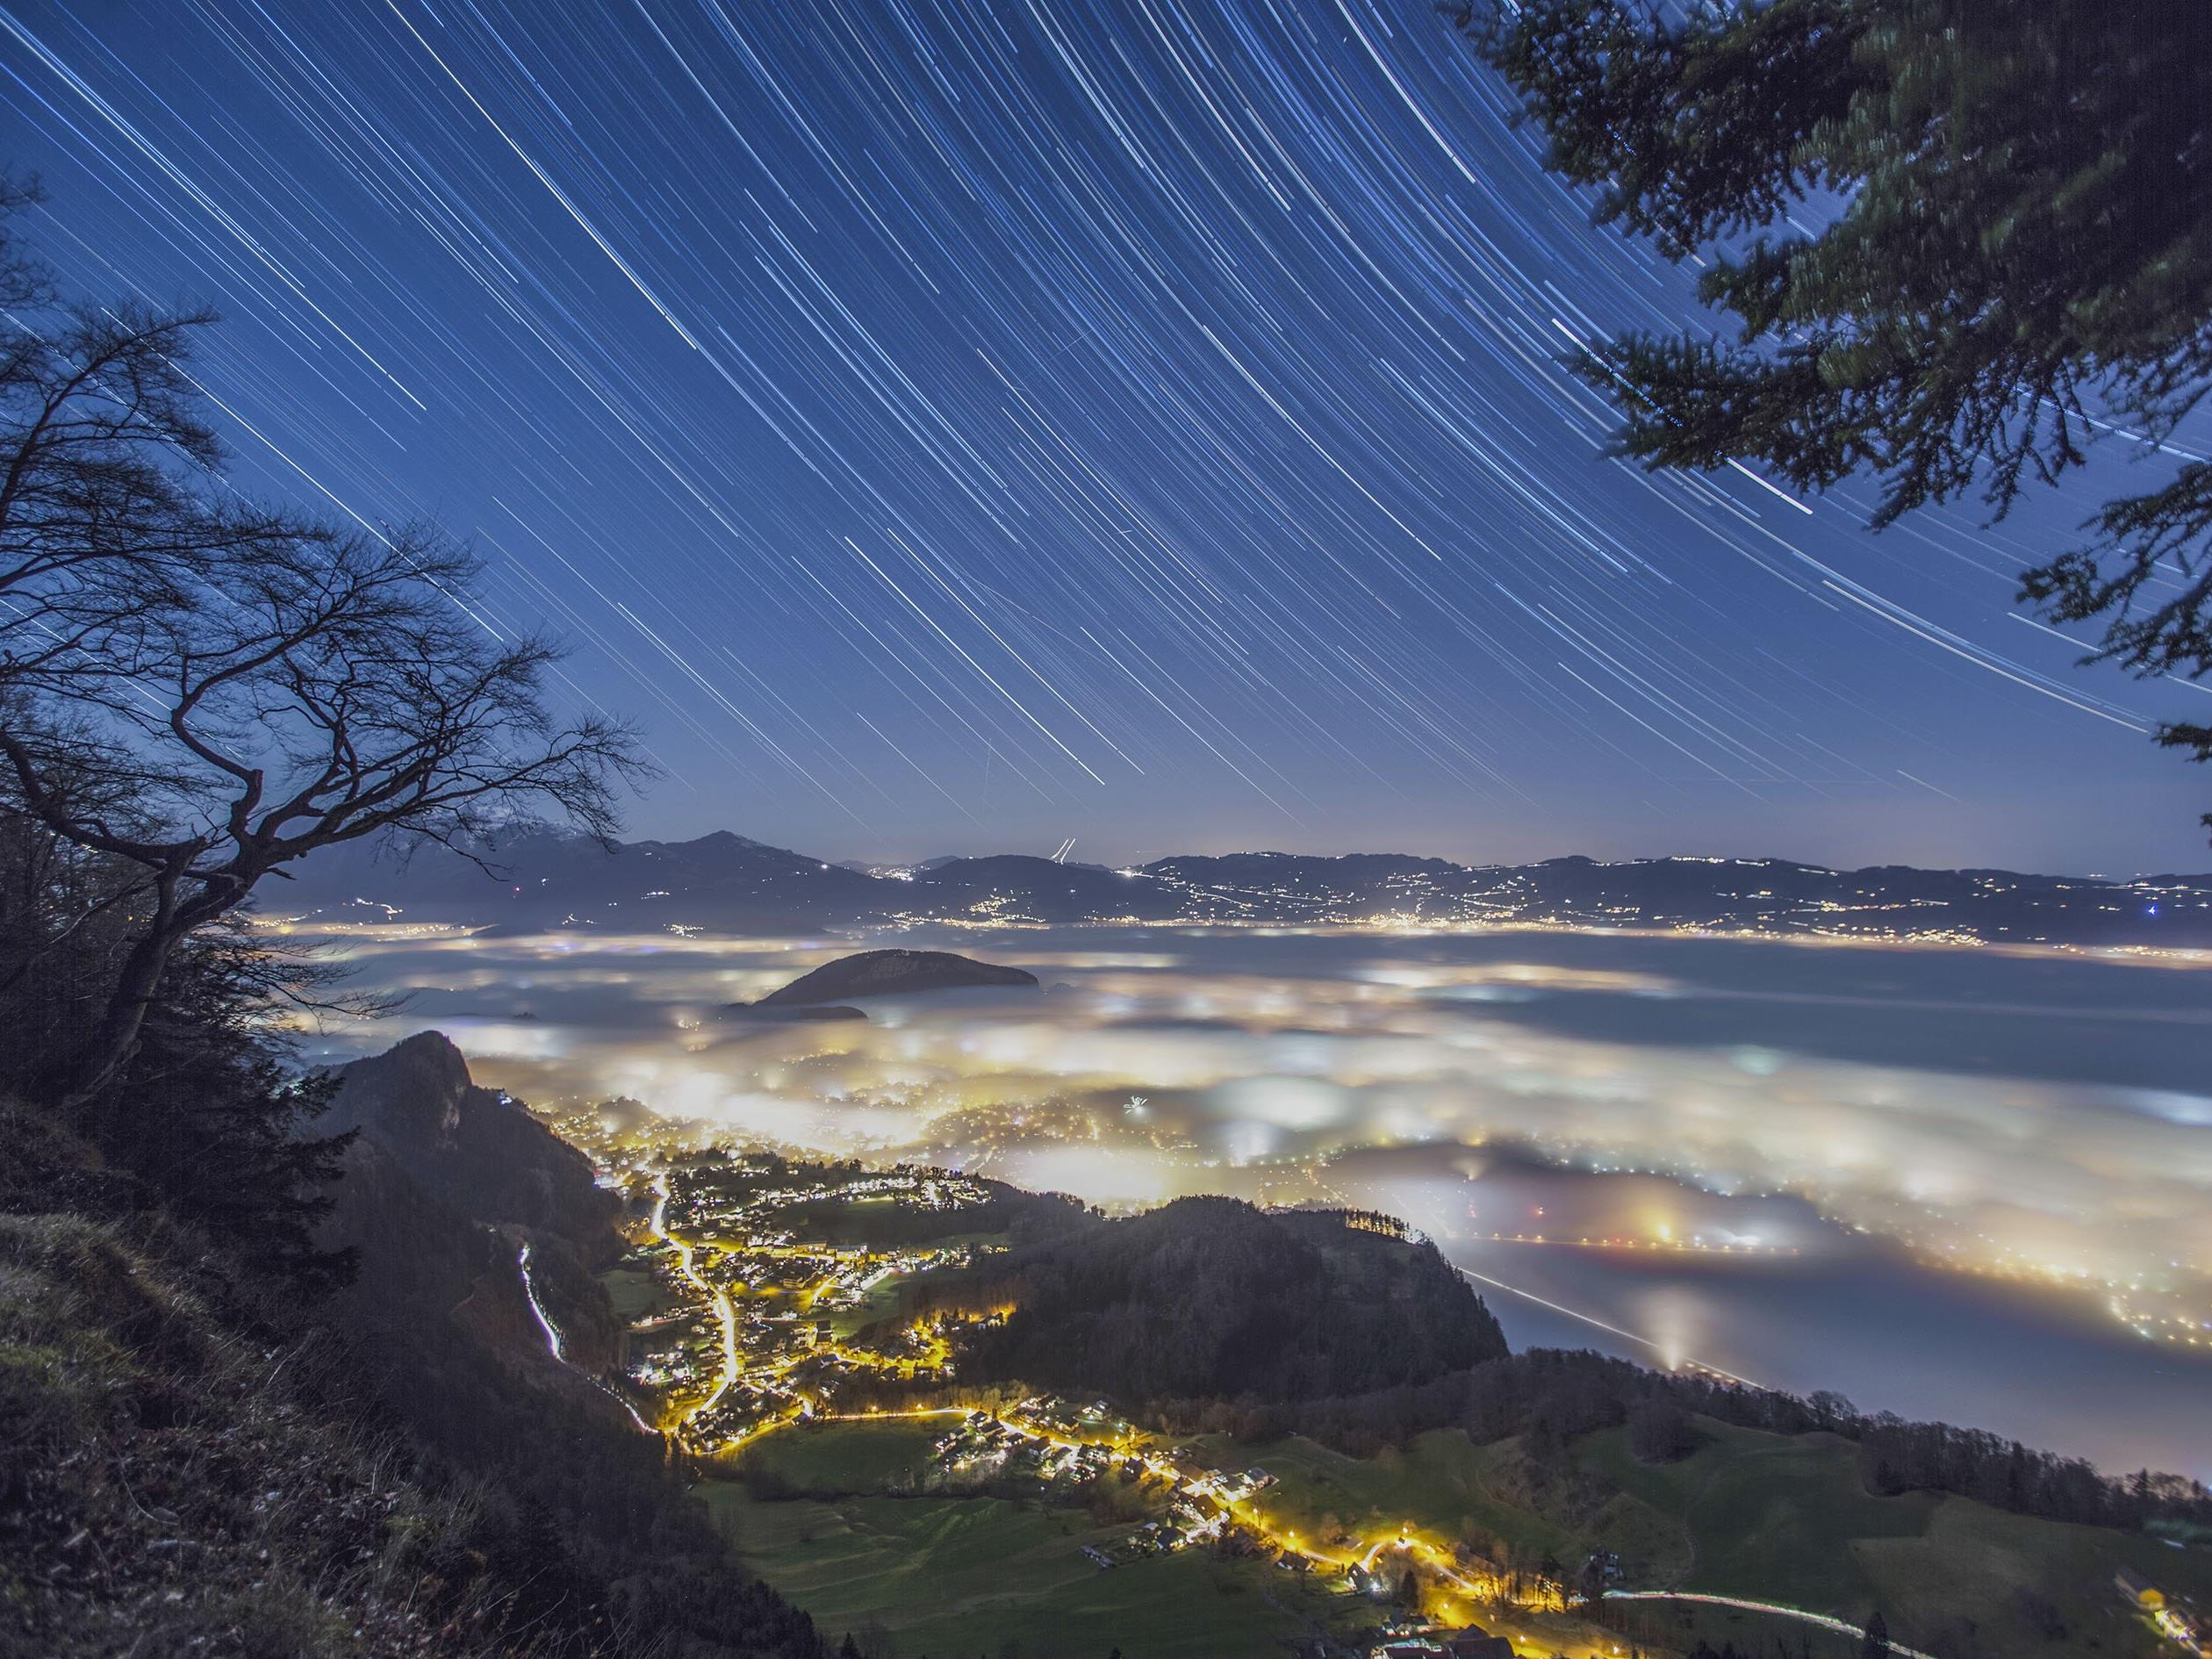 Die schönsten Bilder aus der Region gibt es im Gemeindeamt Koblach zu sehen.